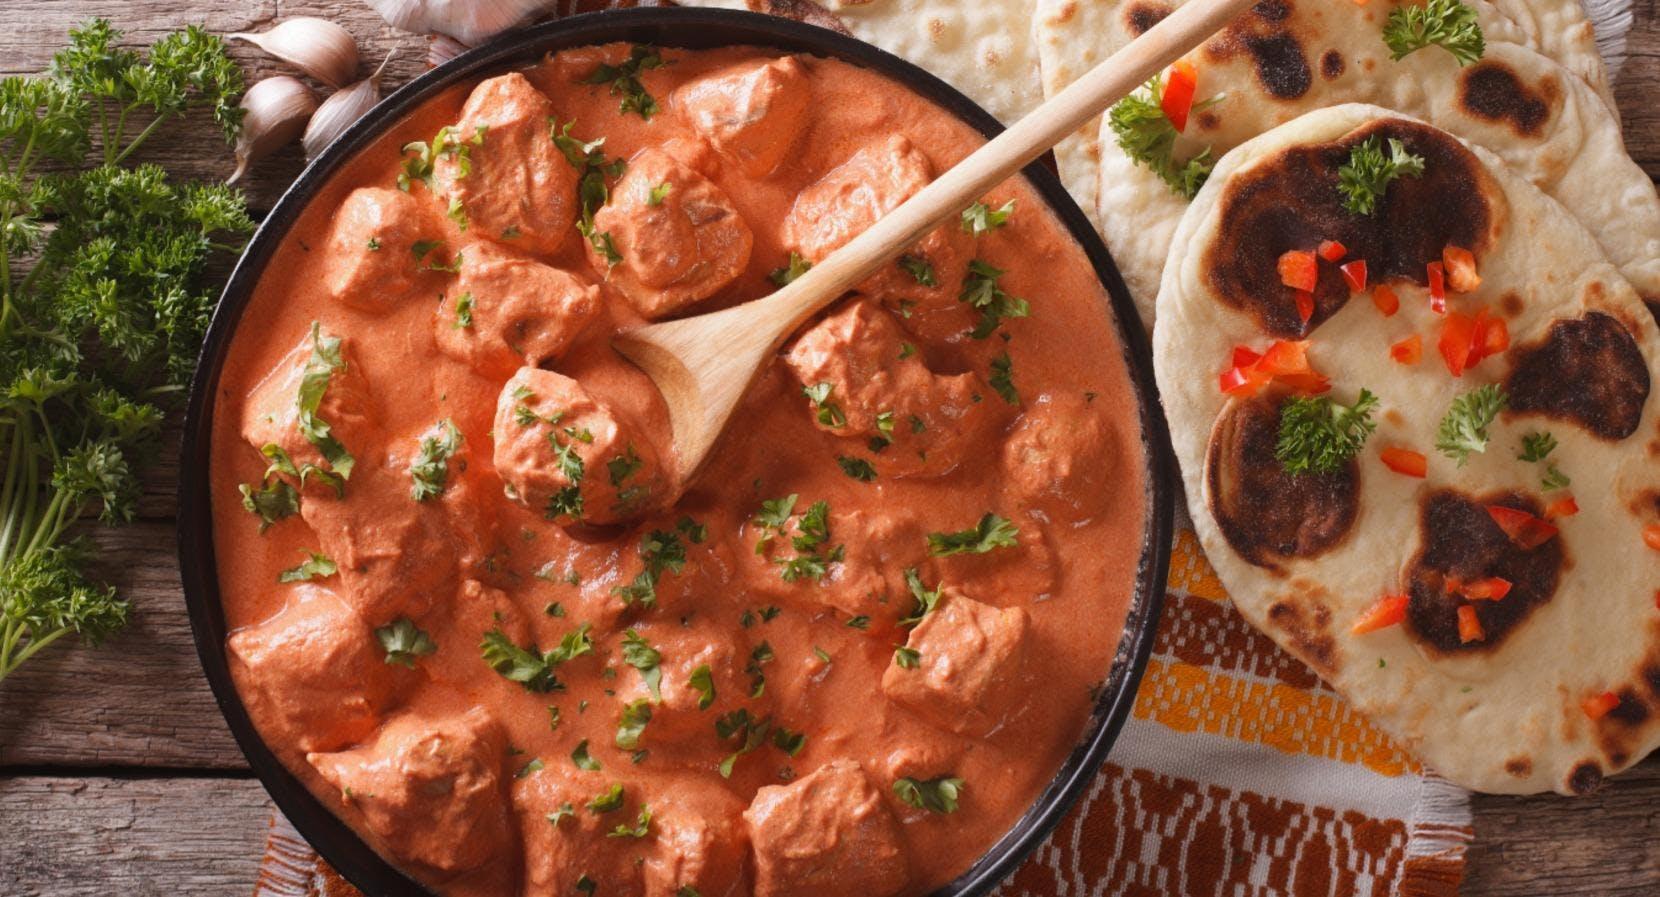 Balti Spices